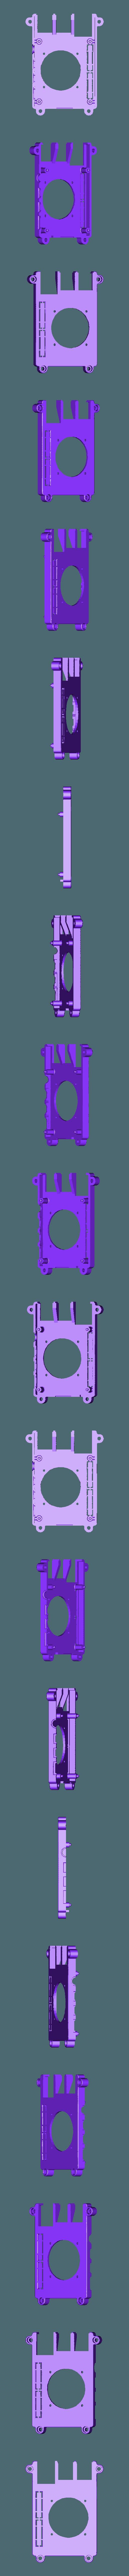 SLIM_40MM_BLANK.STL Télécharger fichier STL gratuit Étui Pi 4B Framboise Framboise • Objet pour imprimante 3D, mkellsy